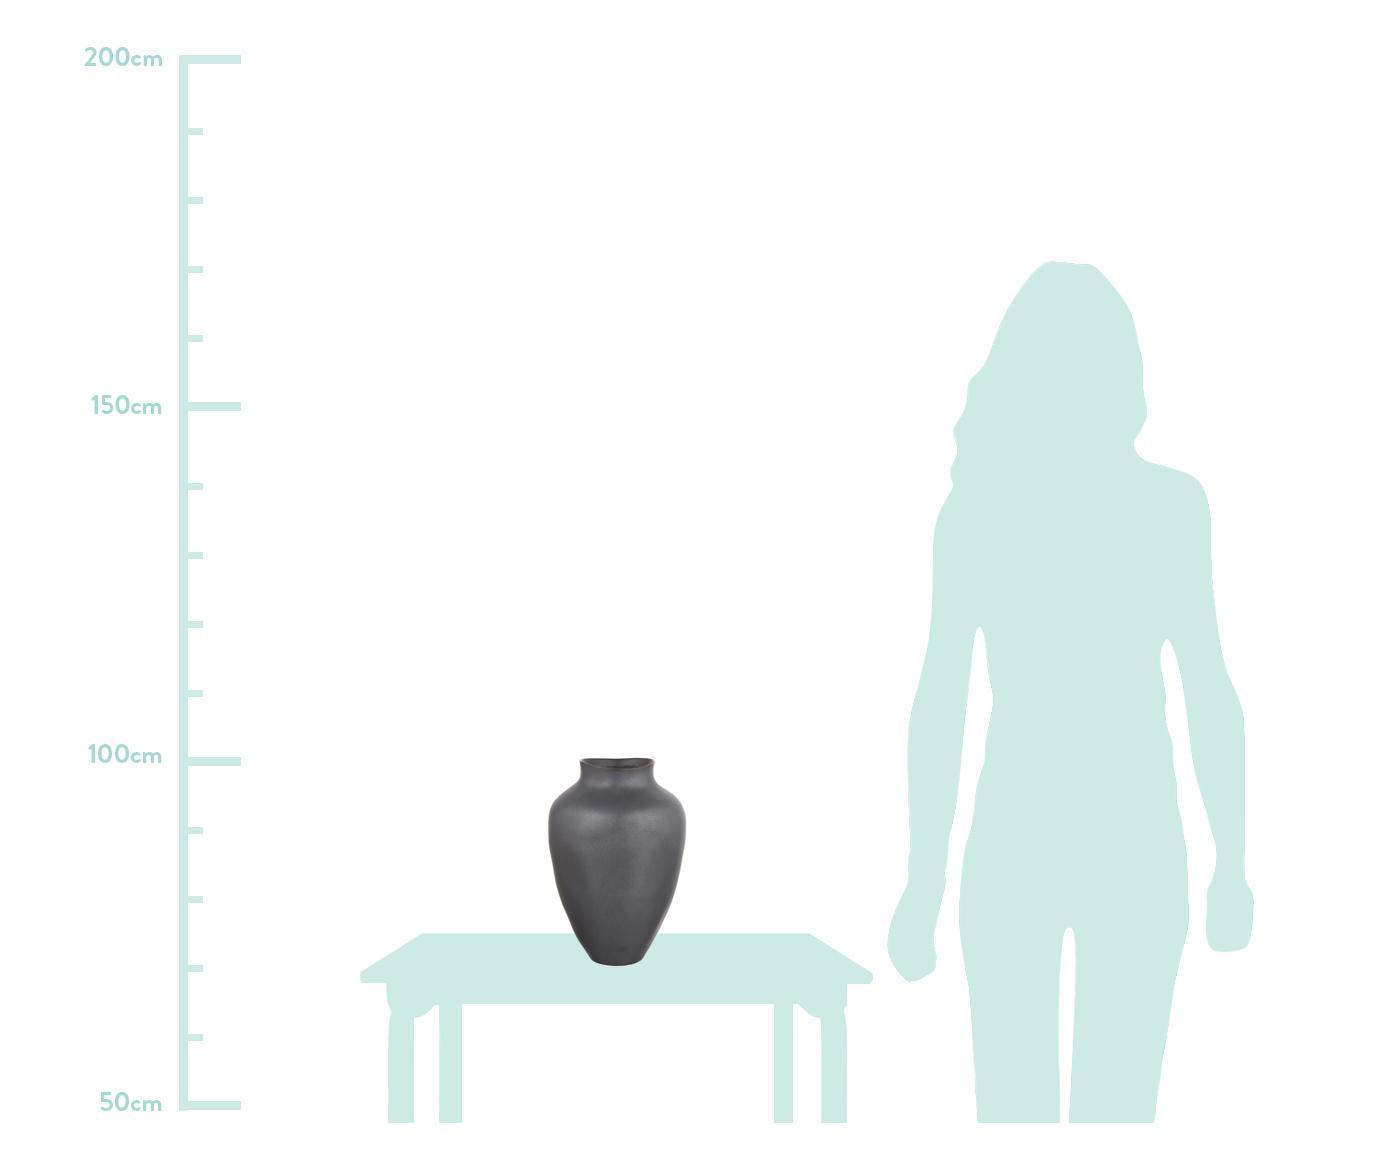 Grosse handgefertigte Vase Latona aus Keramik, Keramik, Schwarz, matt, Ø 27 x H 41 cm